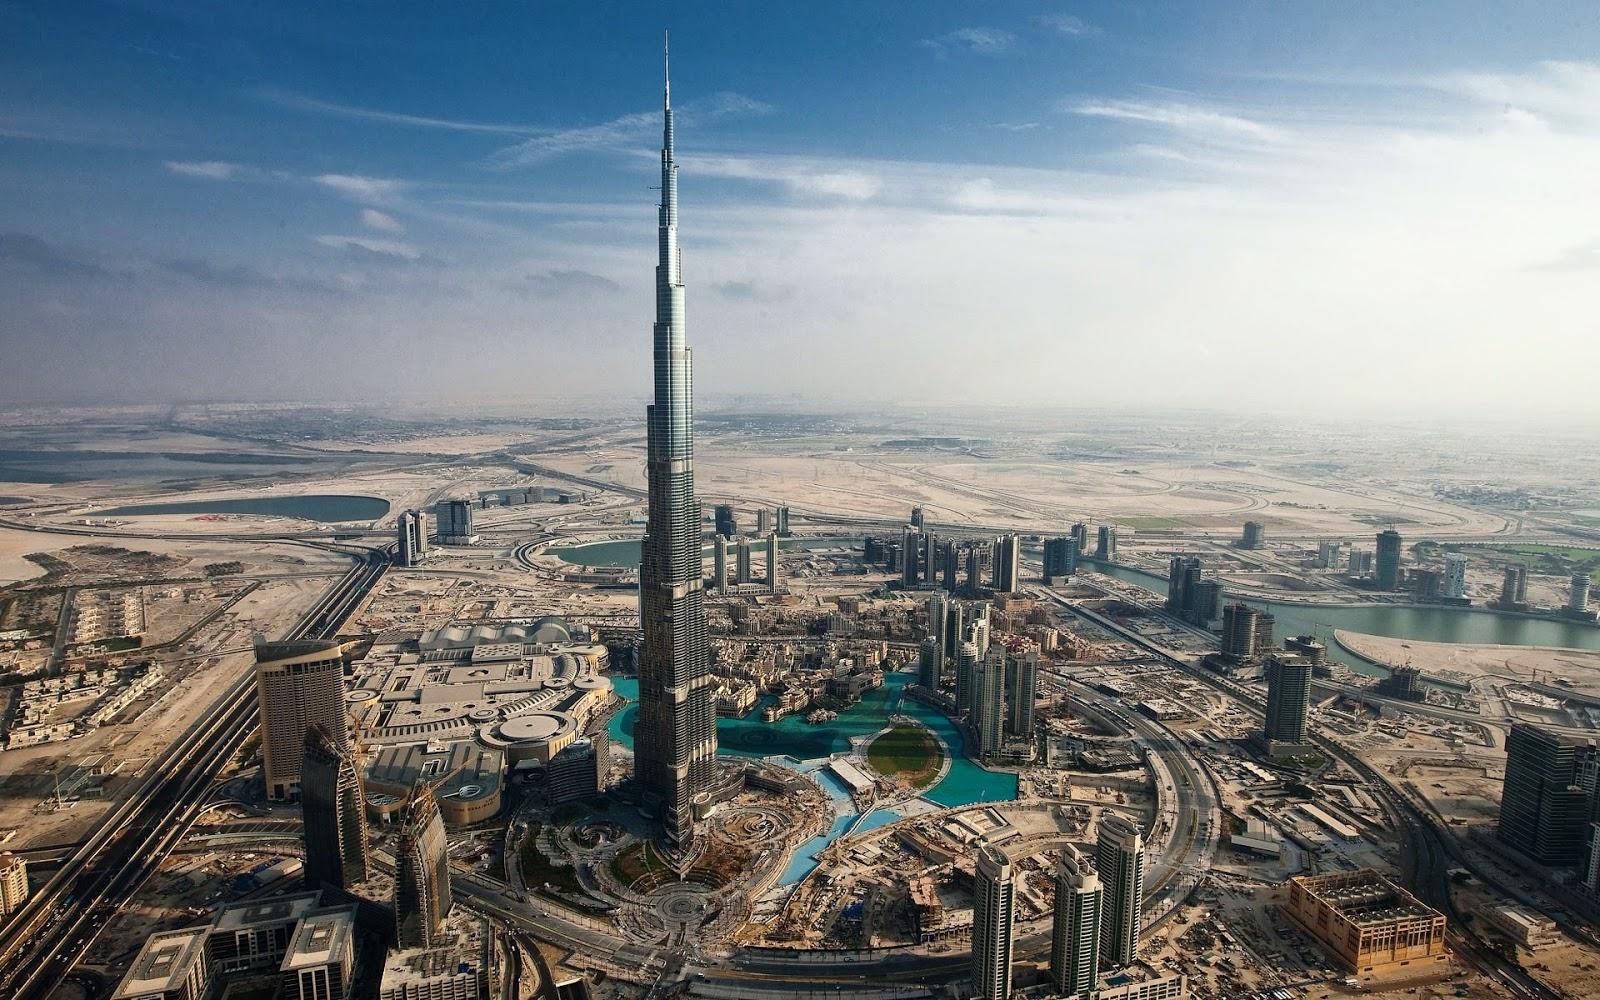 Cityscape in Dubai 1920 x 1200